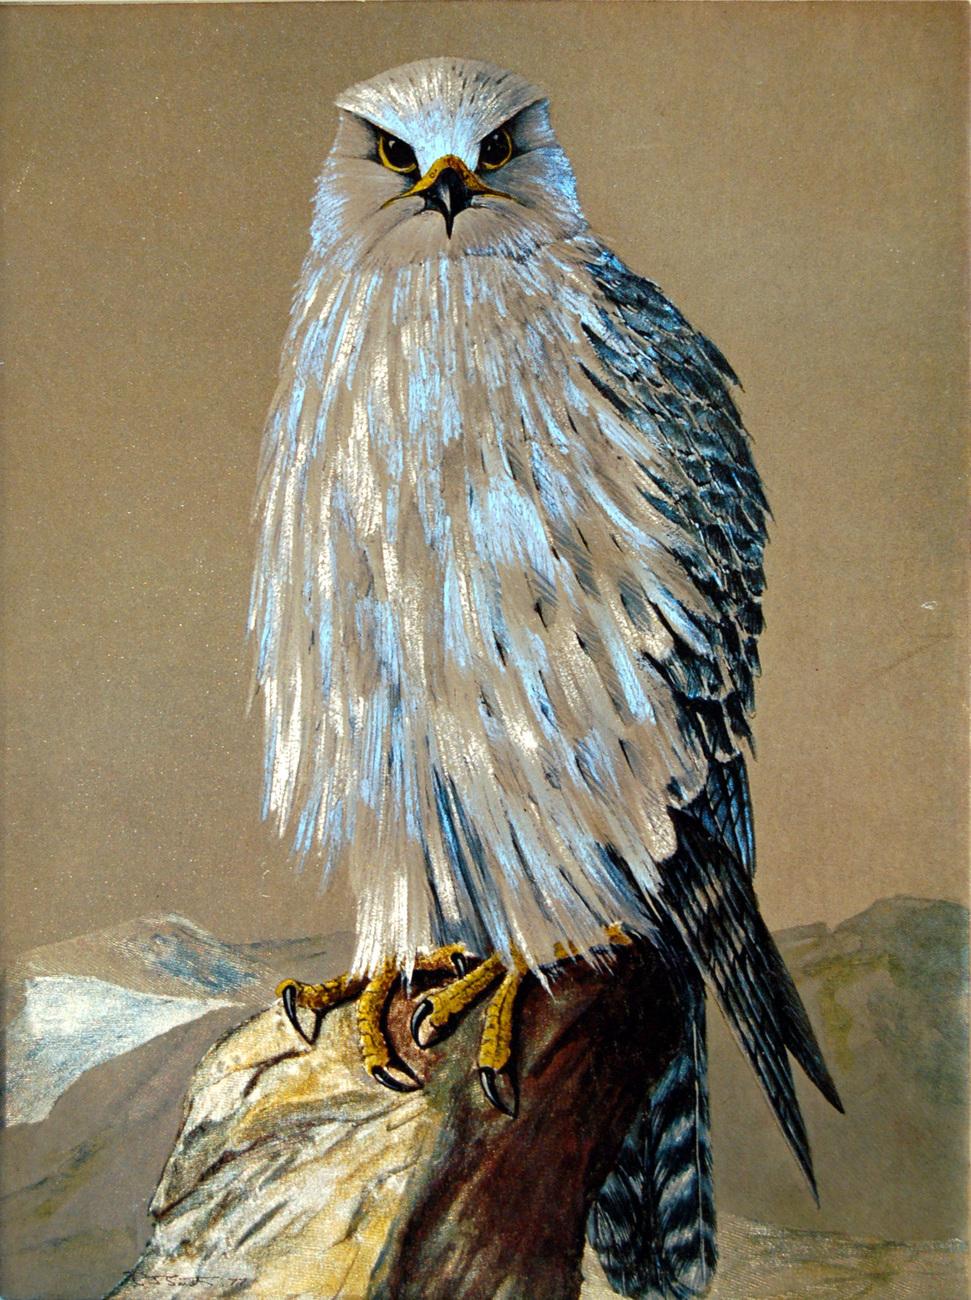 W6017m gyr falcon